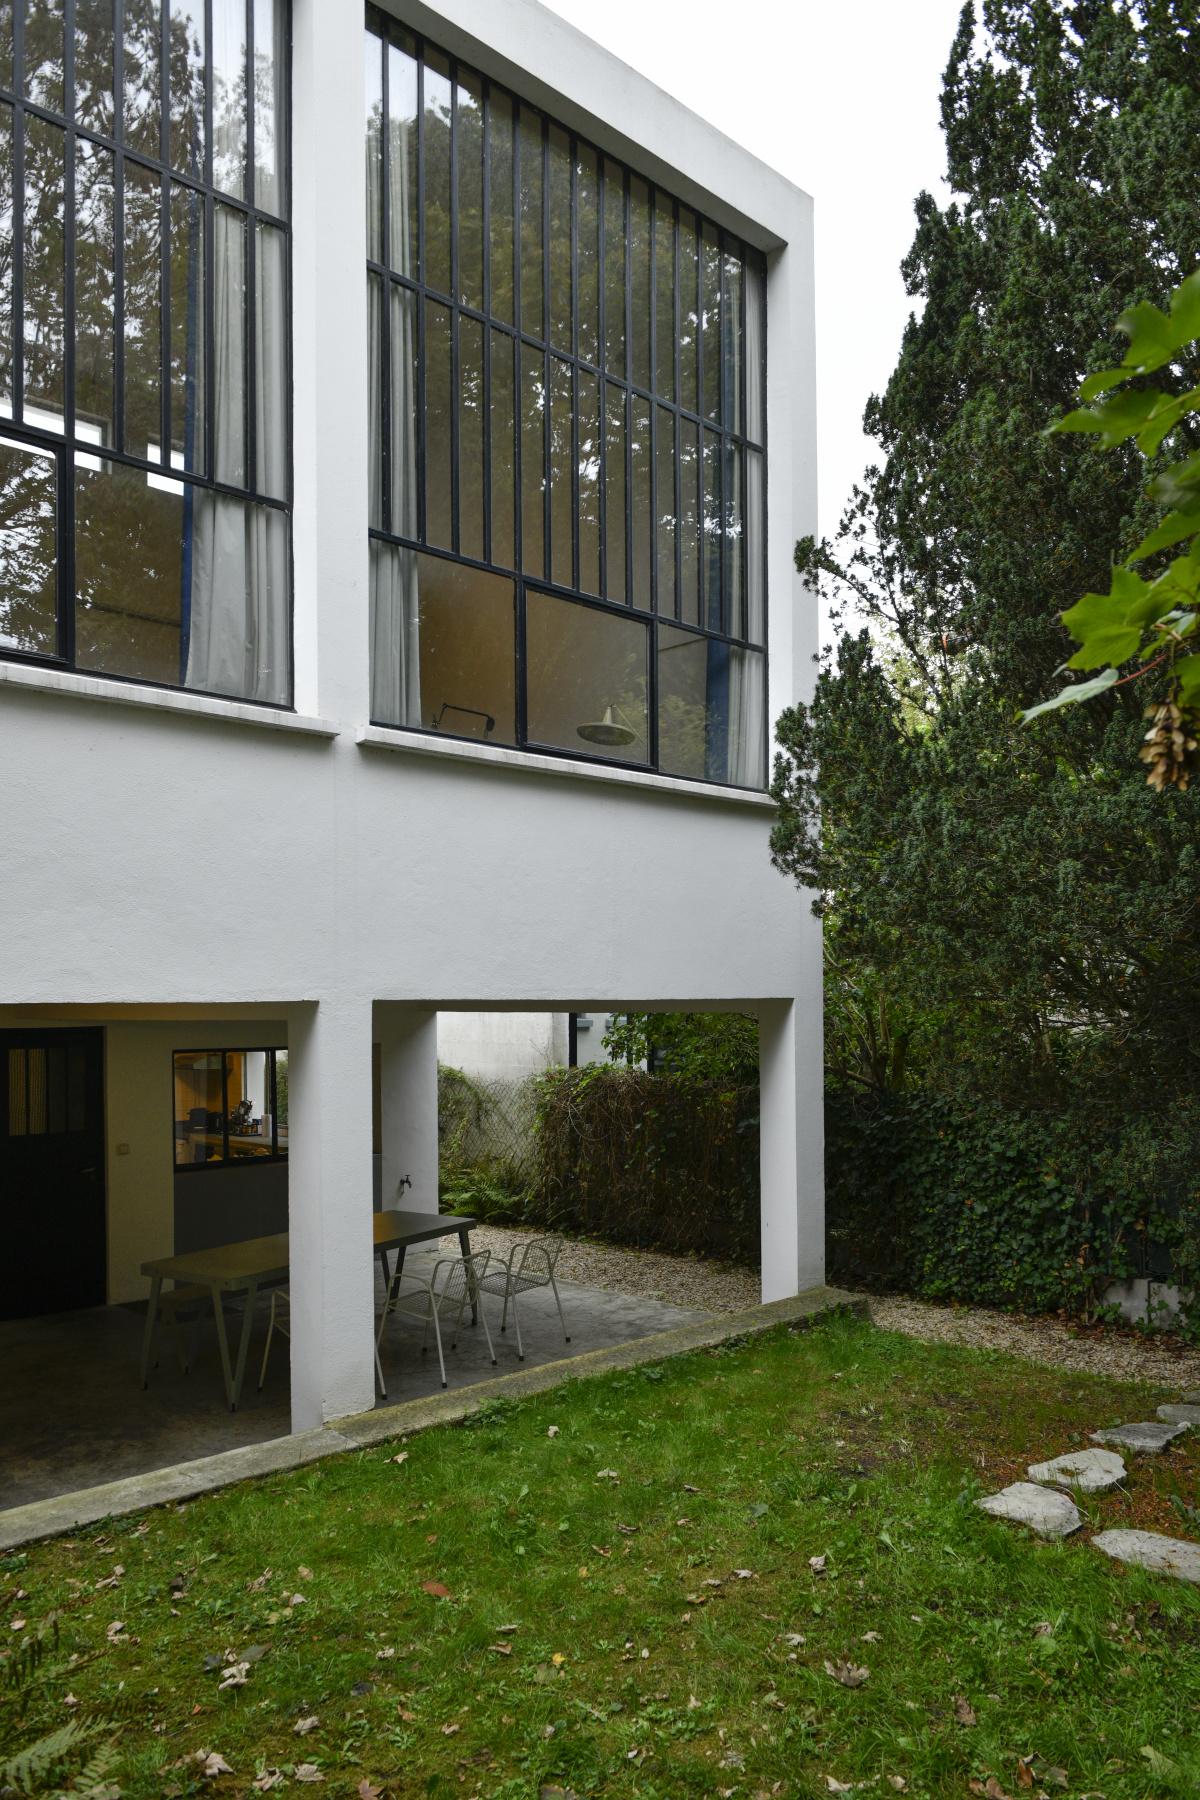 2.デ・ステイルの創始者が自ら設計・建築した、アトリエ兼住居。|ファン・ドゥースブルフ邸